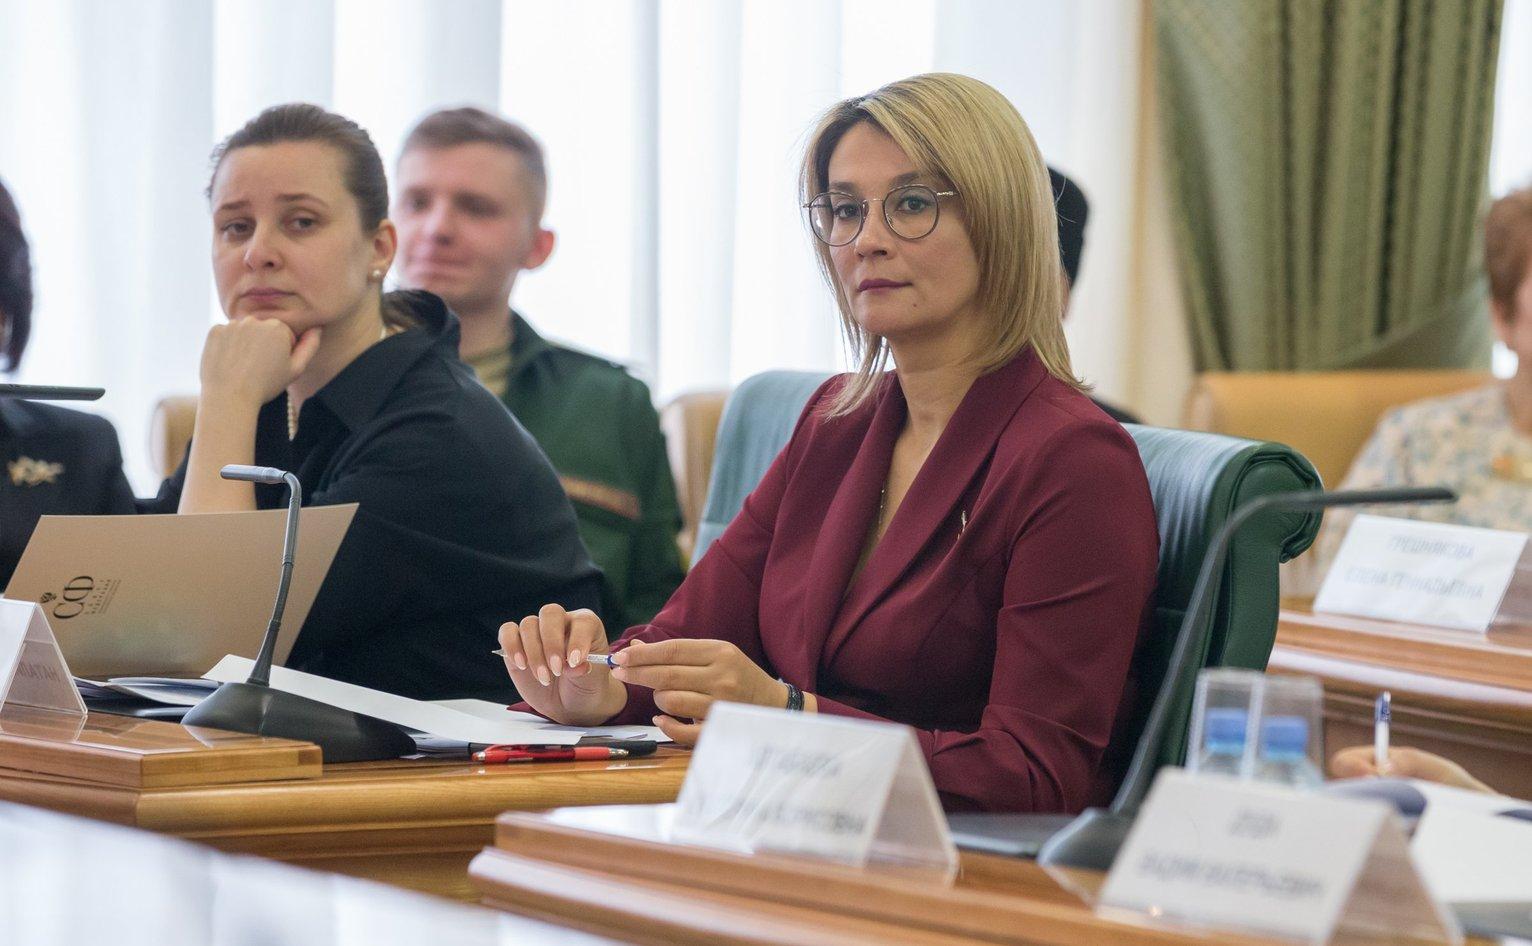 Наталия Косихина: Мне посчастливилось работать в сильной команде губернатора Миронова